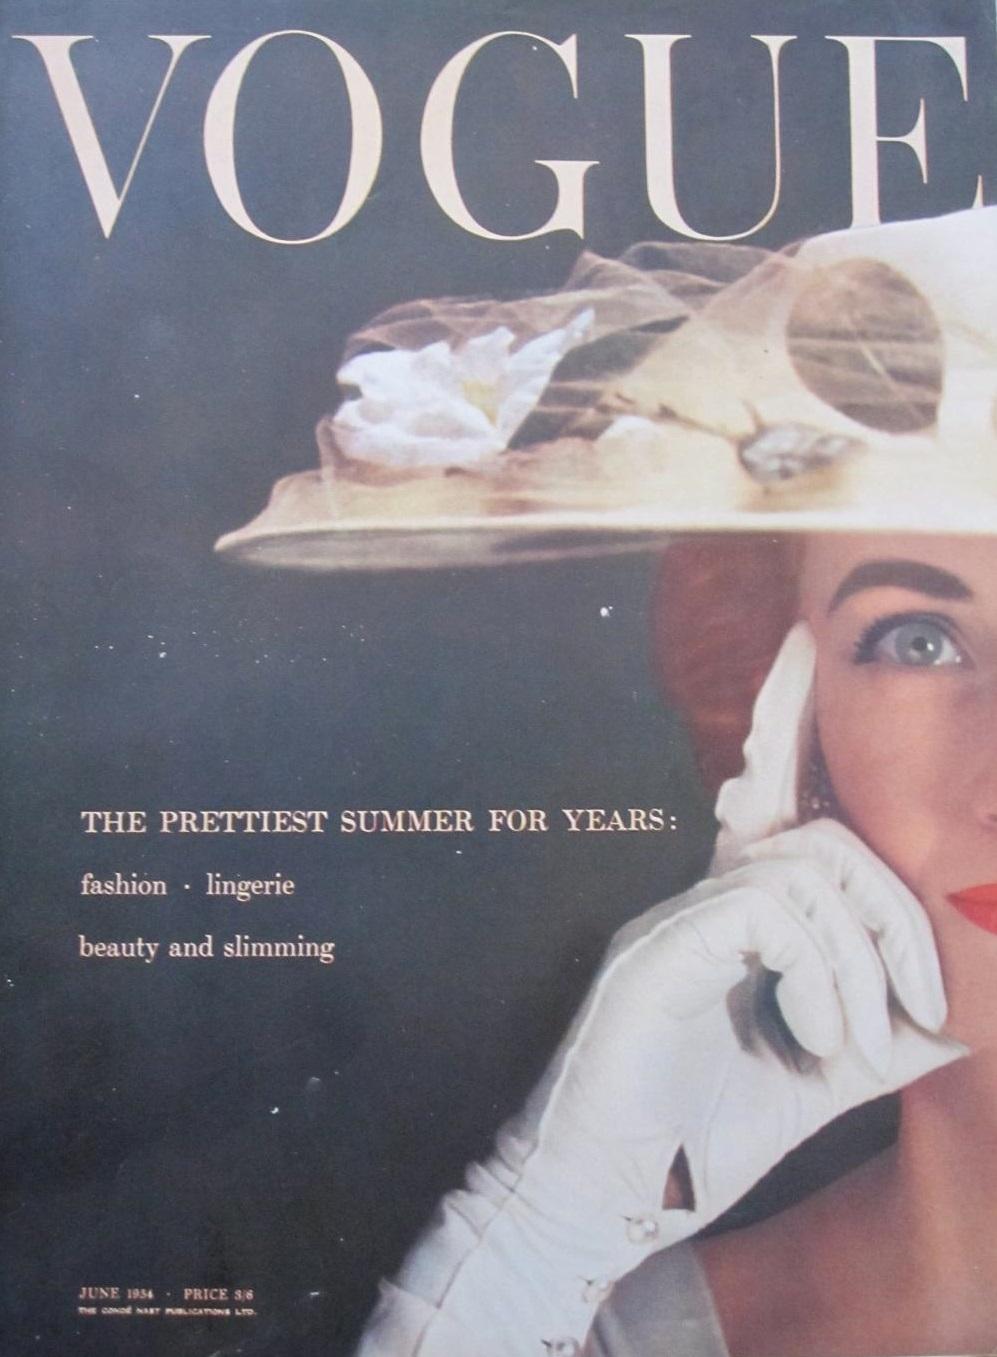 British Vogue Cover June 1954